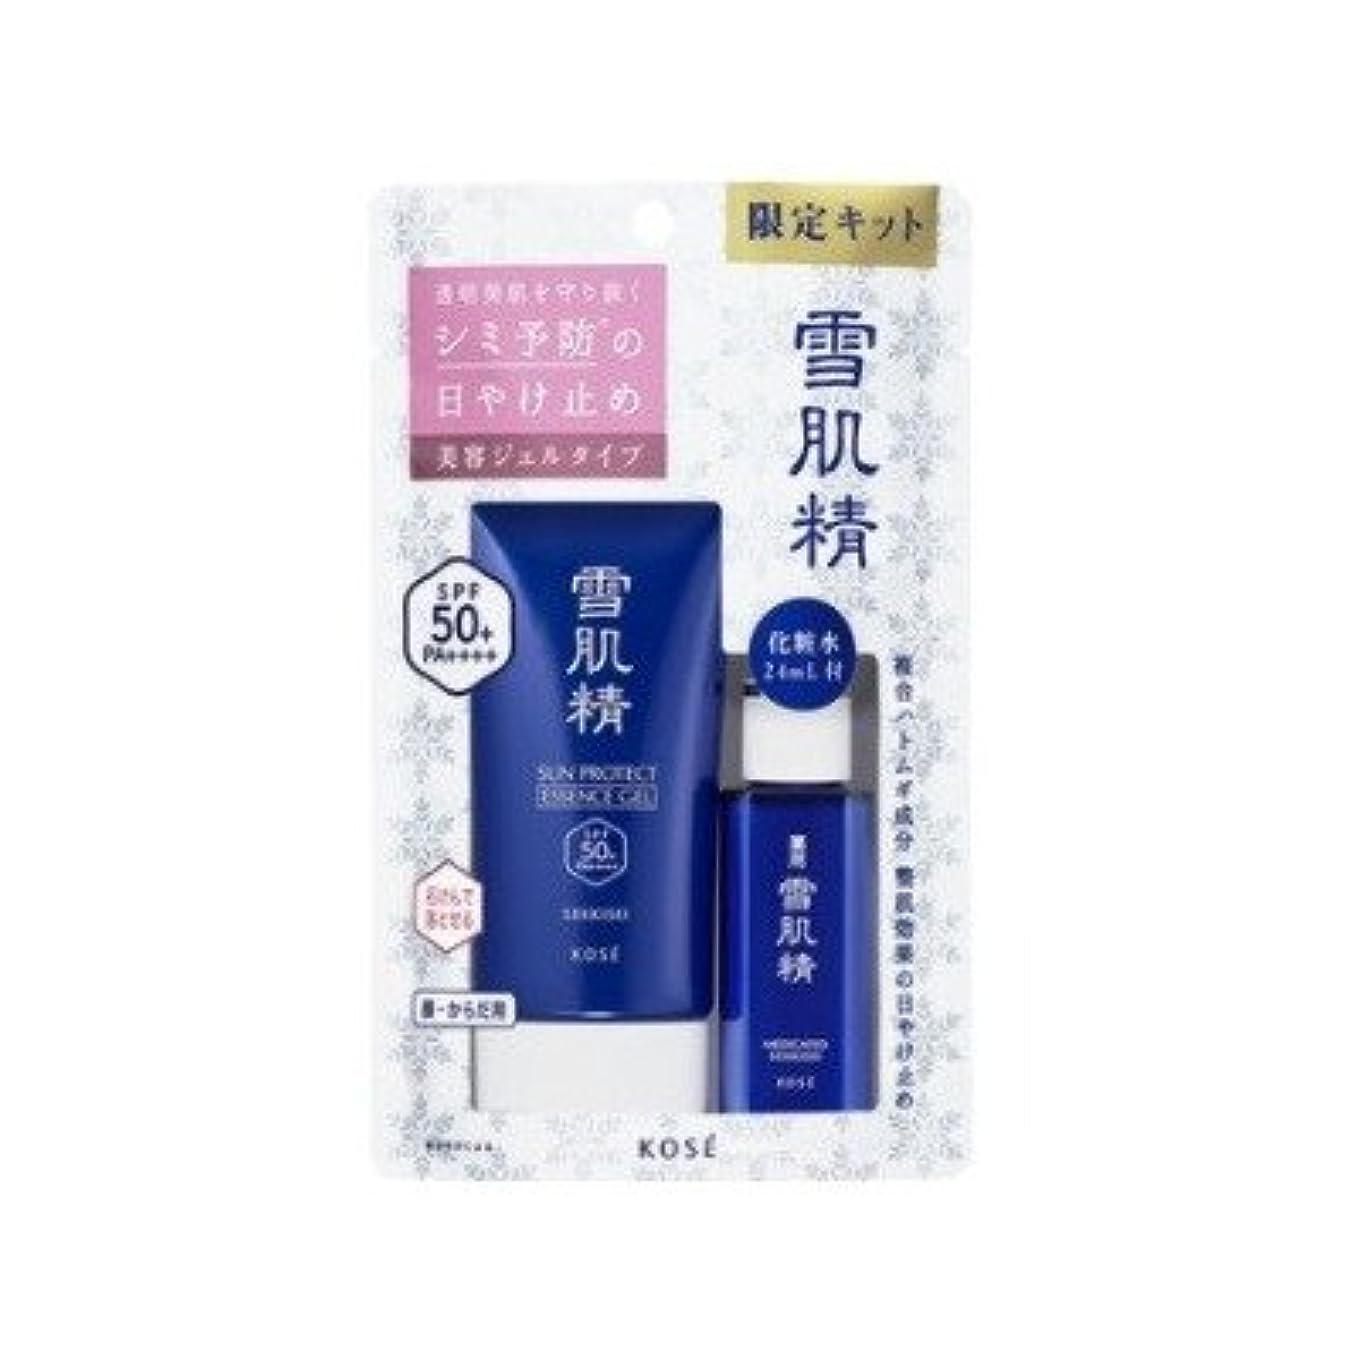 主要な麦芽はさみ【限定】雪肌精 ホワイトUVジェル80g&薬用化粧水24ml